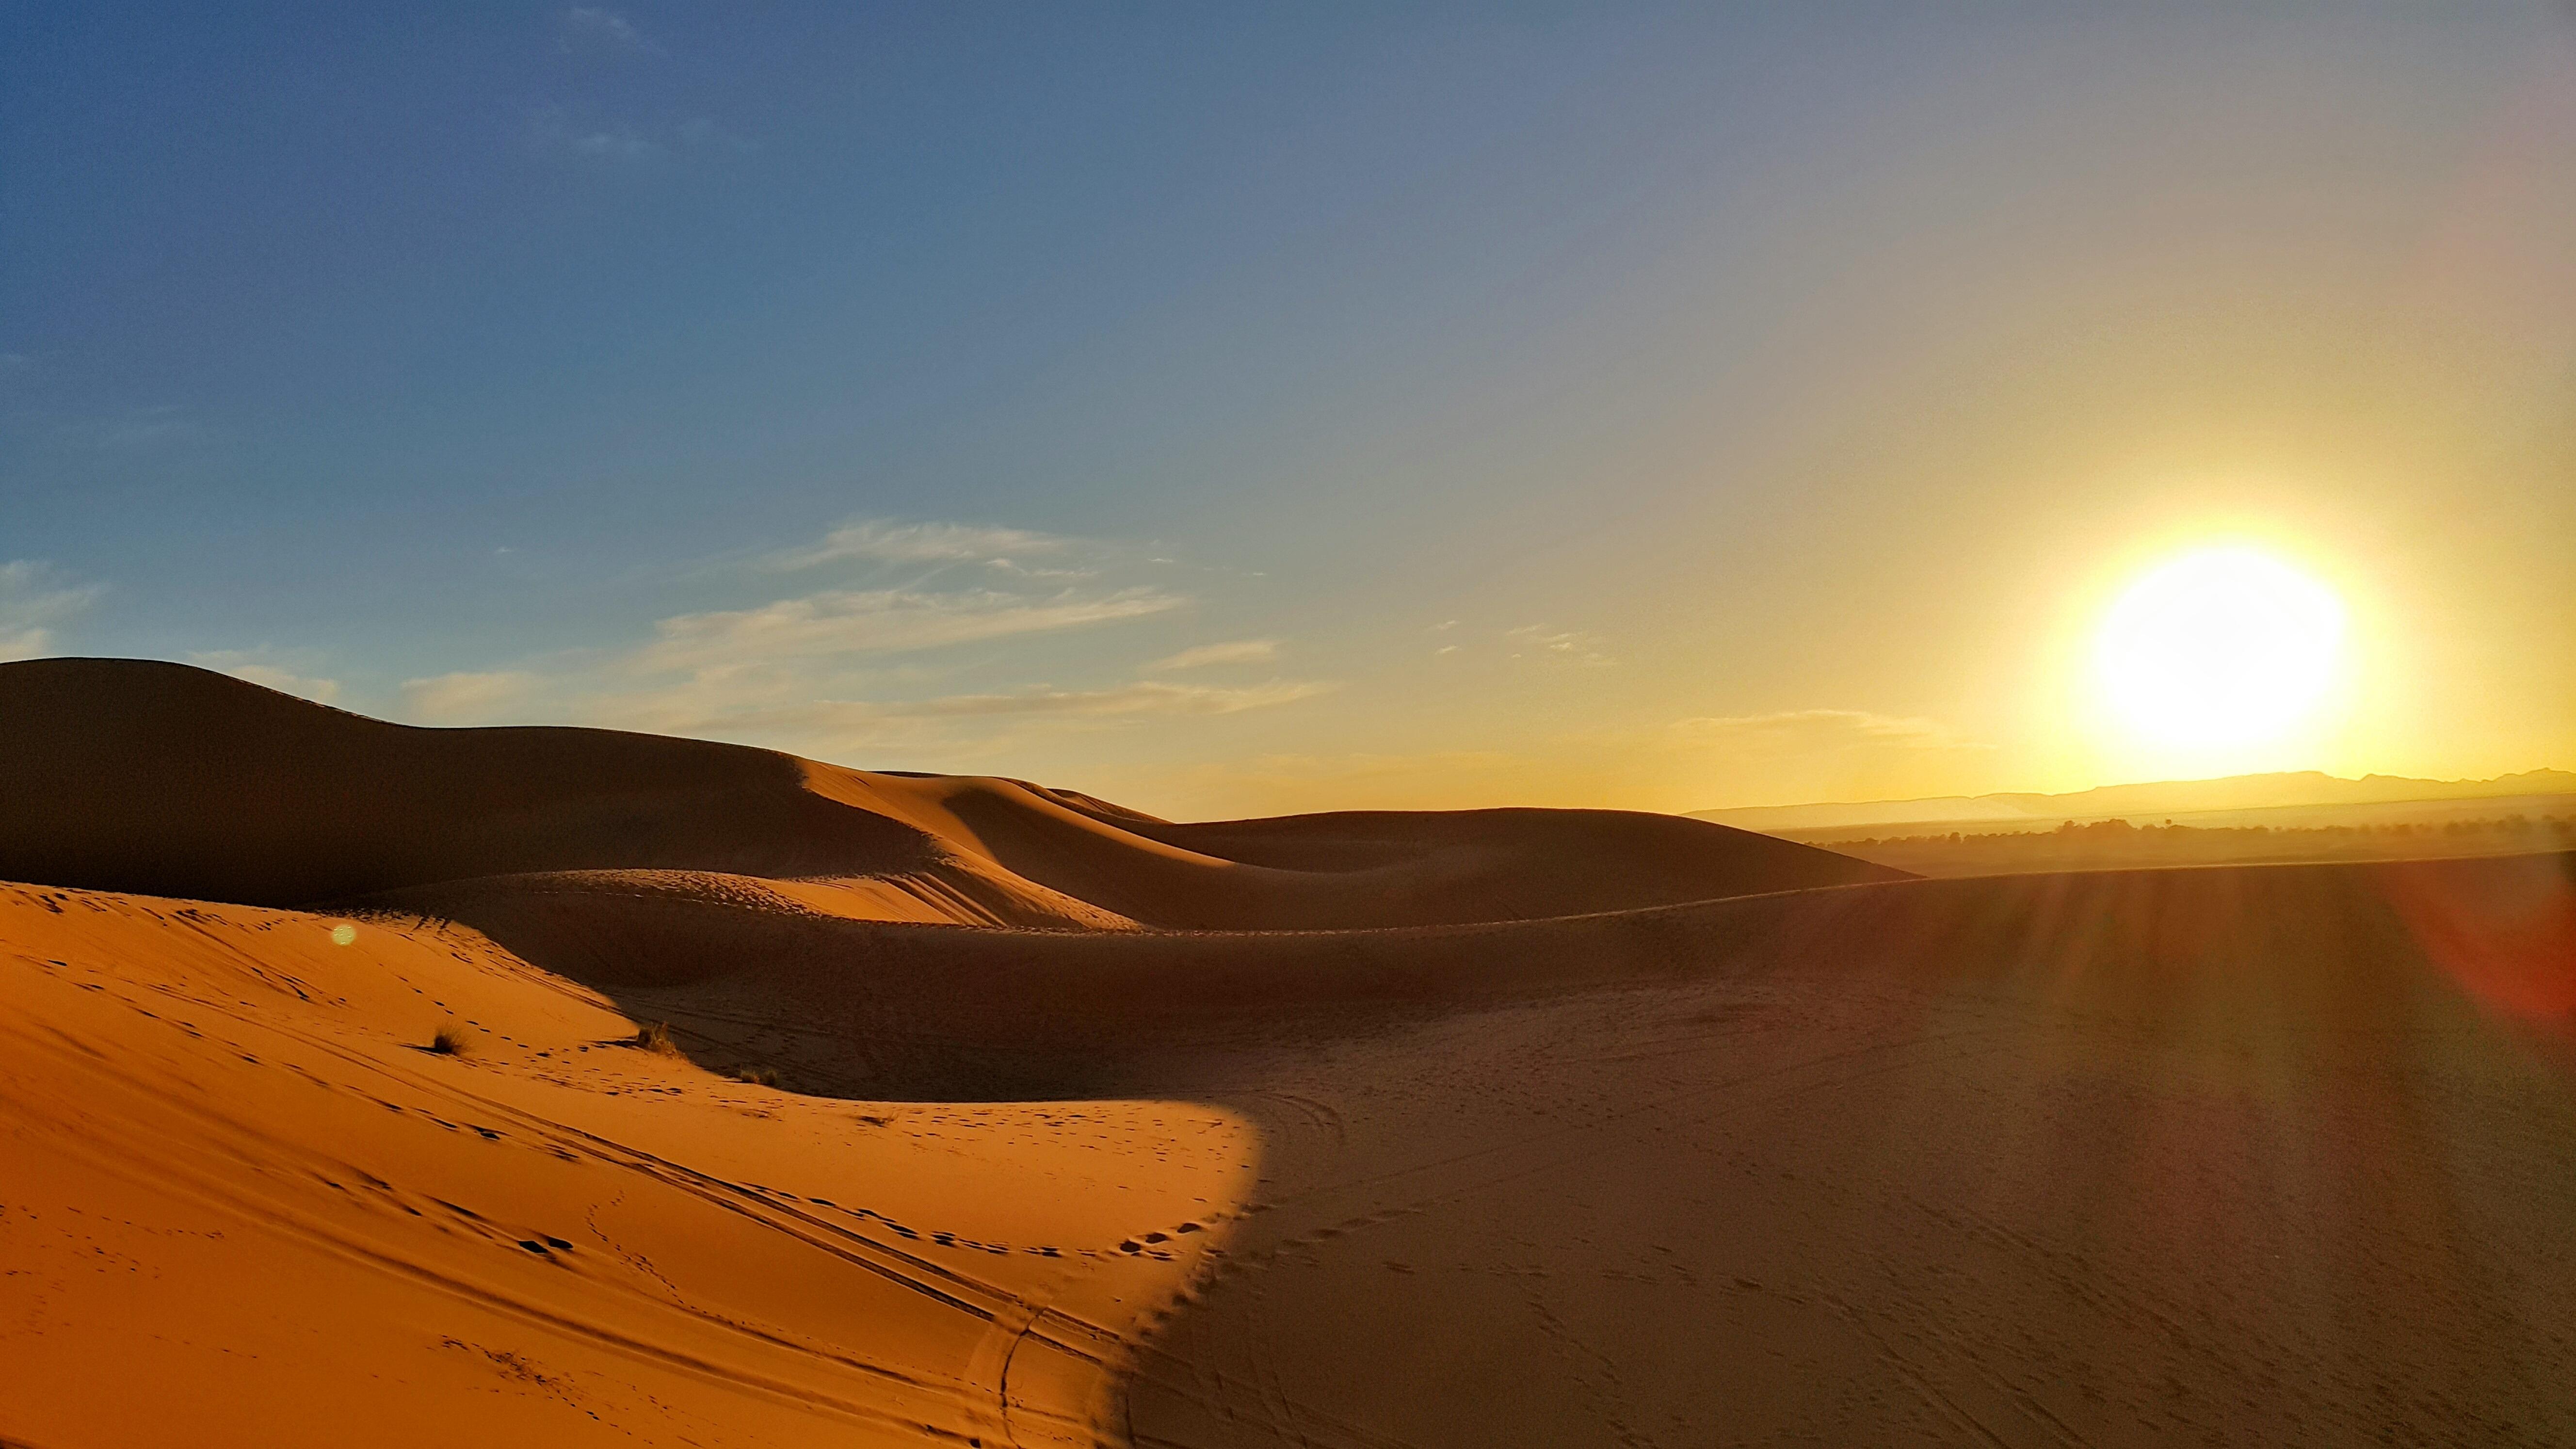 фото абажура фотографии восхода солнца в пустыне качество, главное